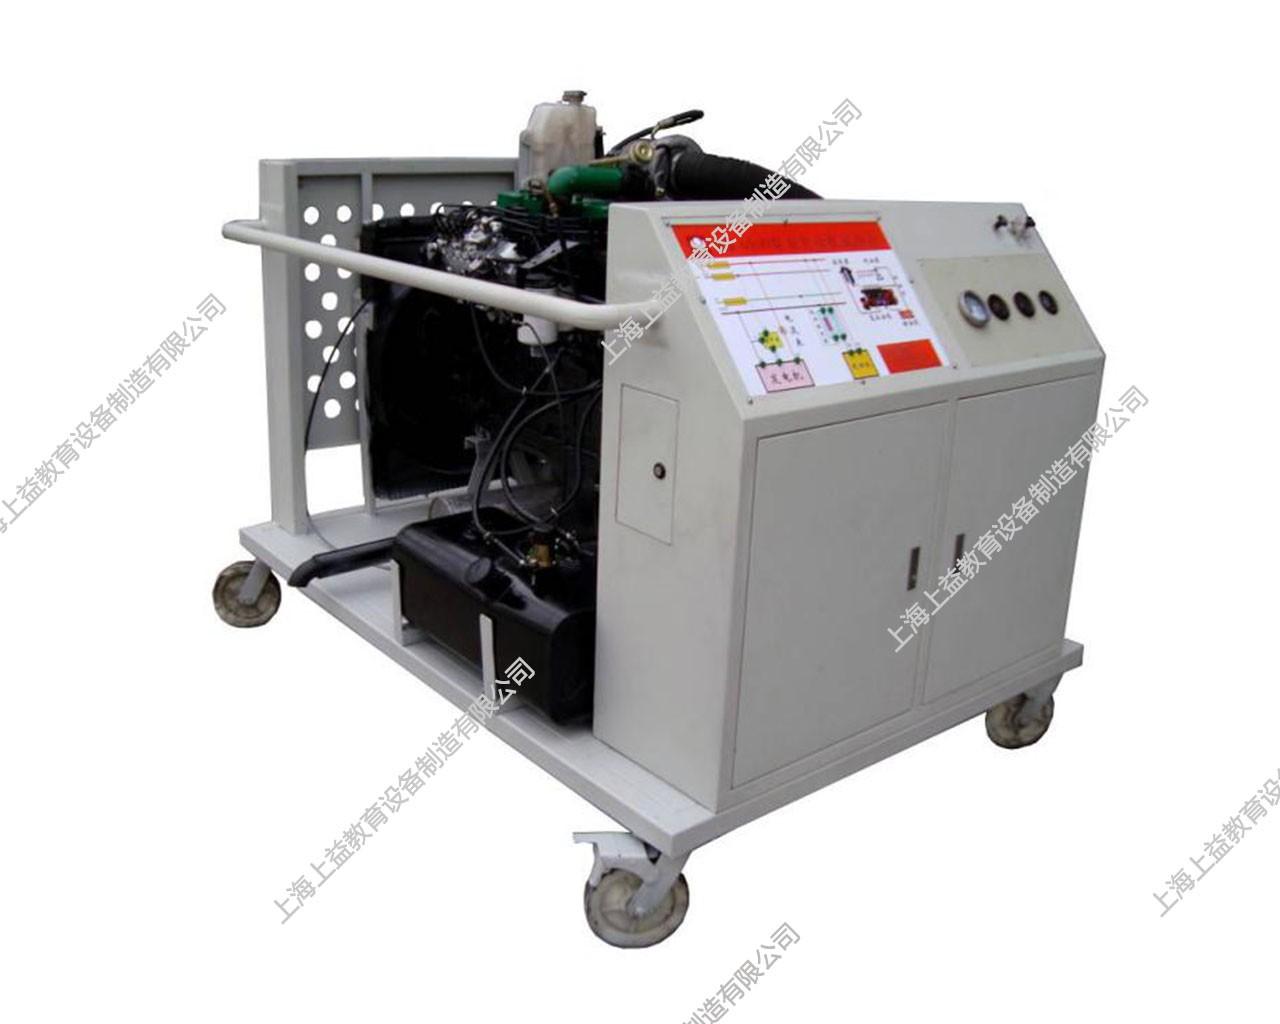 柴油发动机wwwlehu8vip台(维柴WD615)